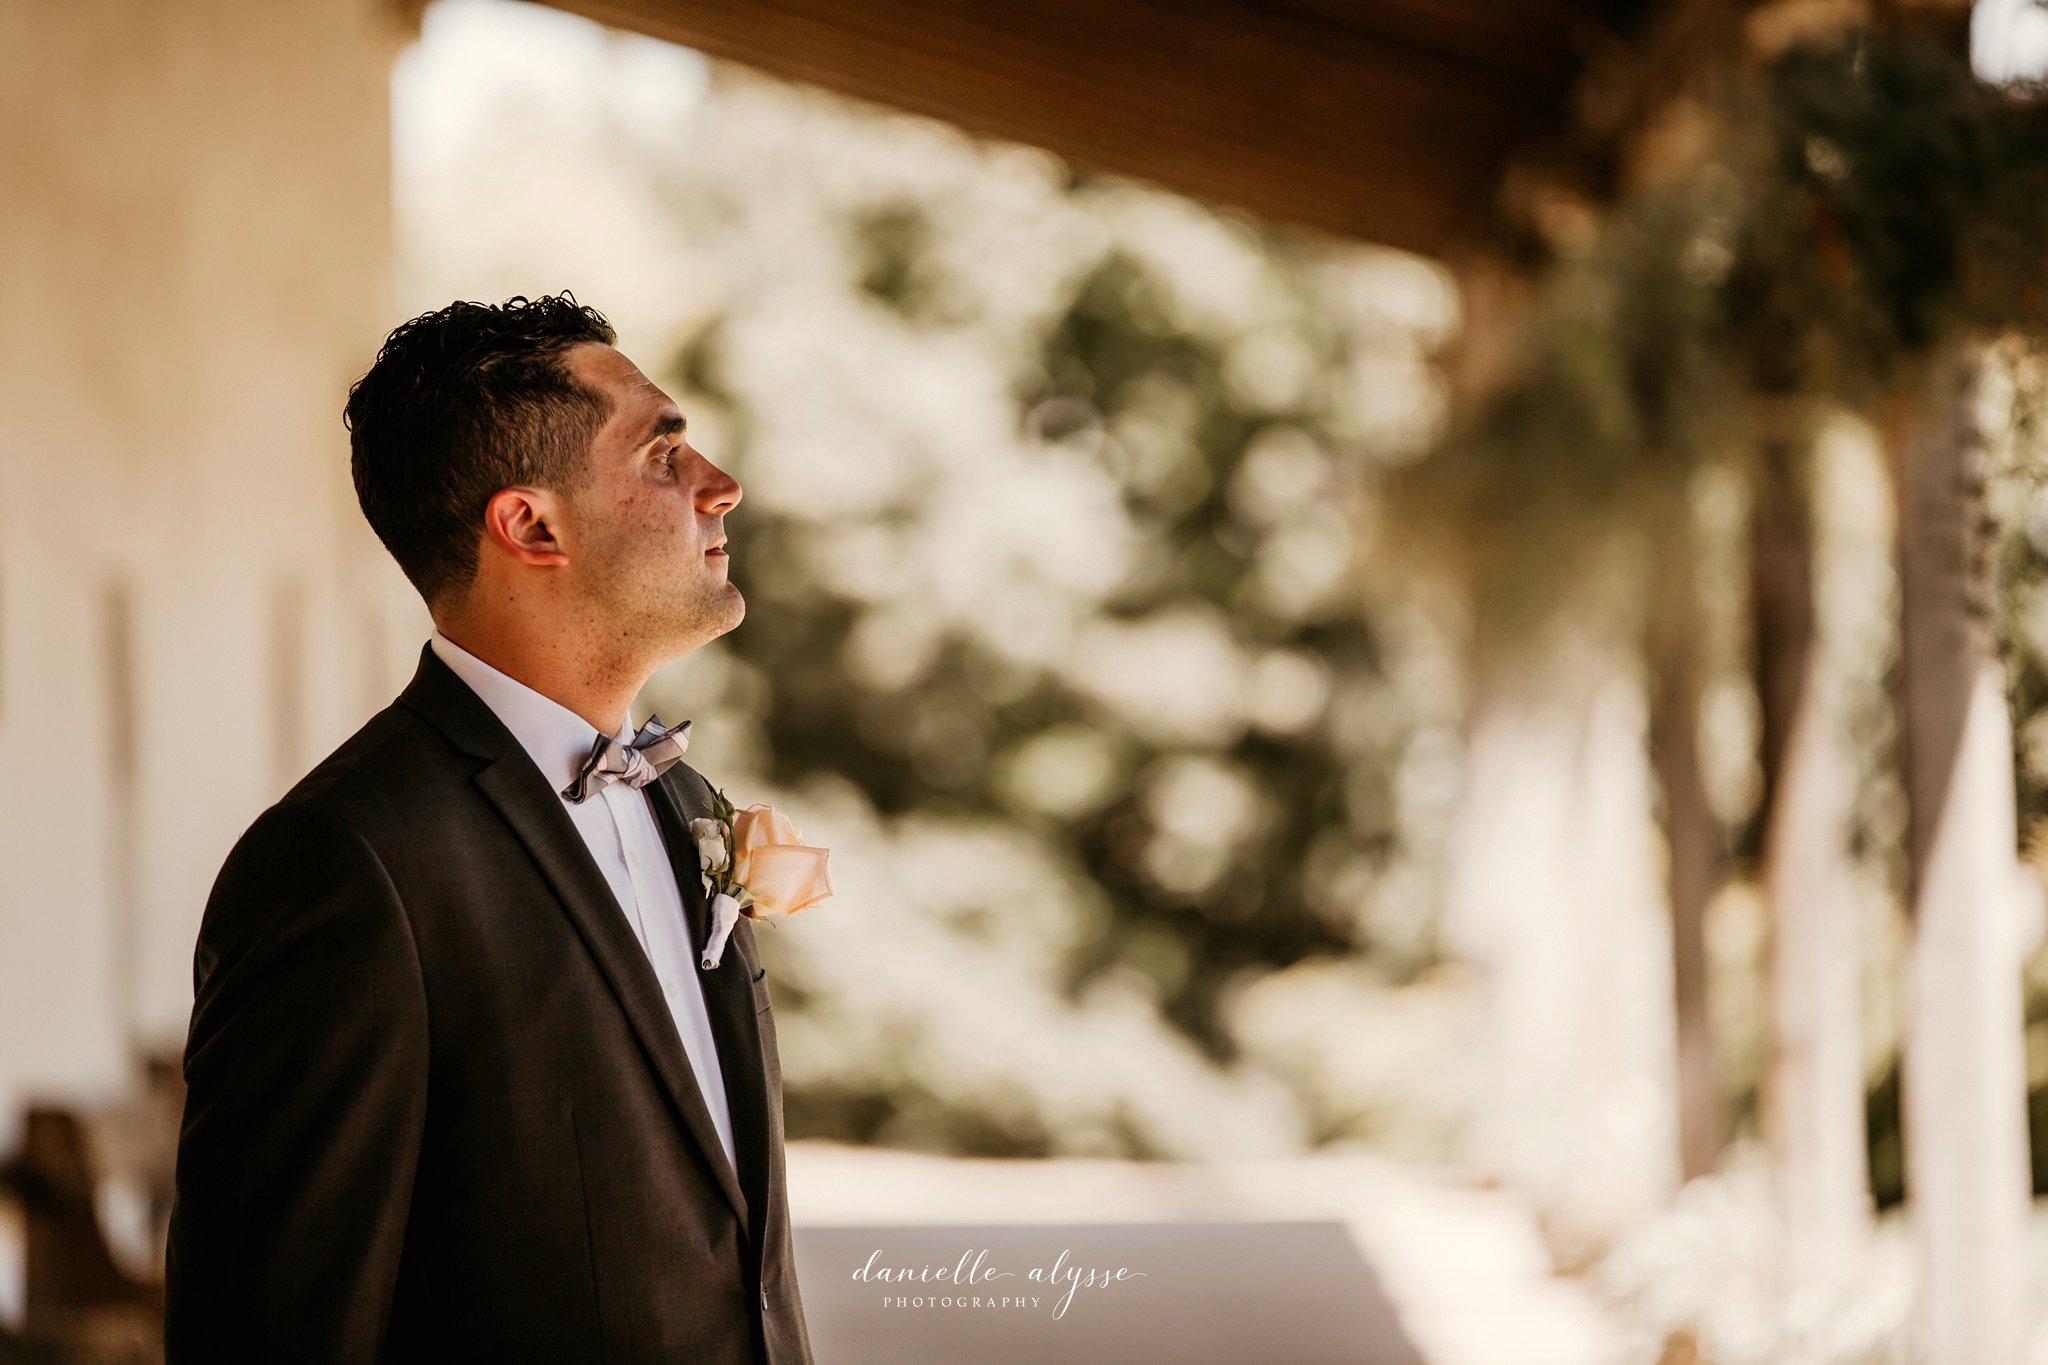 180630_wedding_lily_ryan_mission_soledad_california_danielle_alysse_photography_blog_296_WEB.jpg